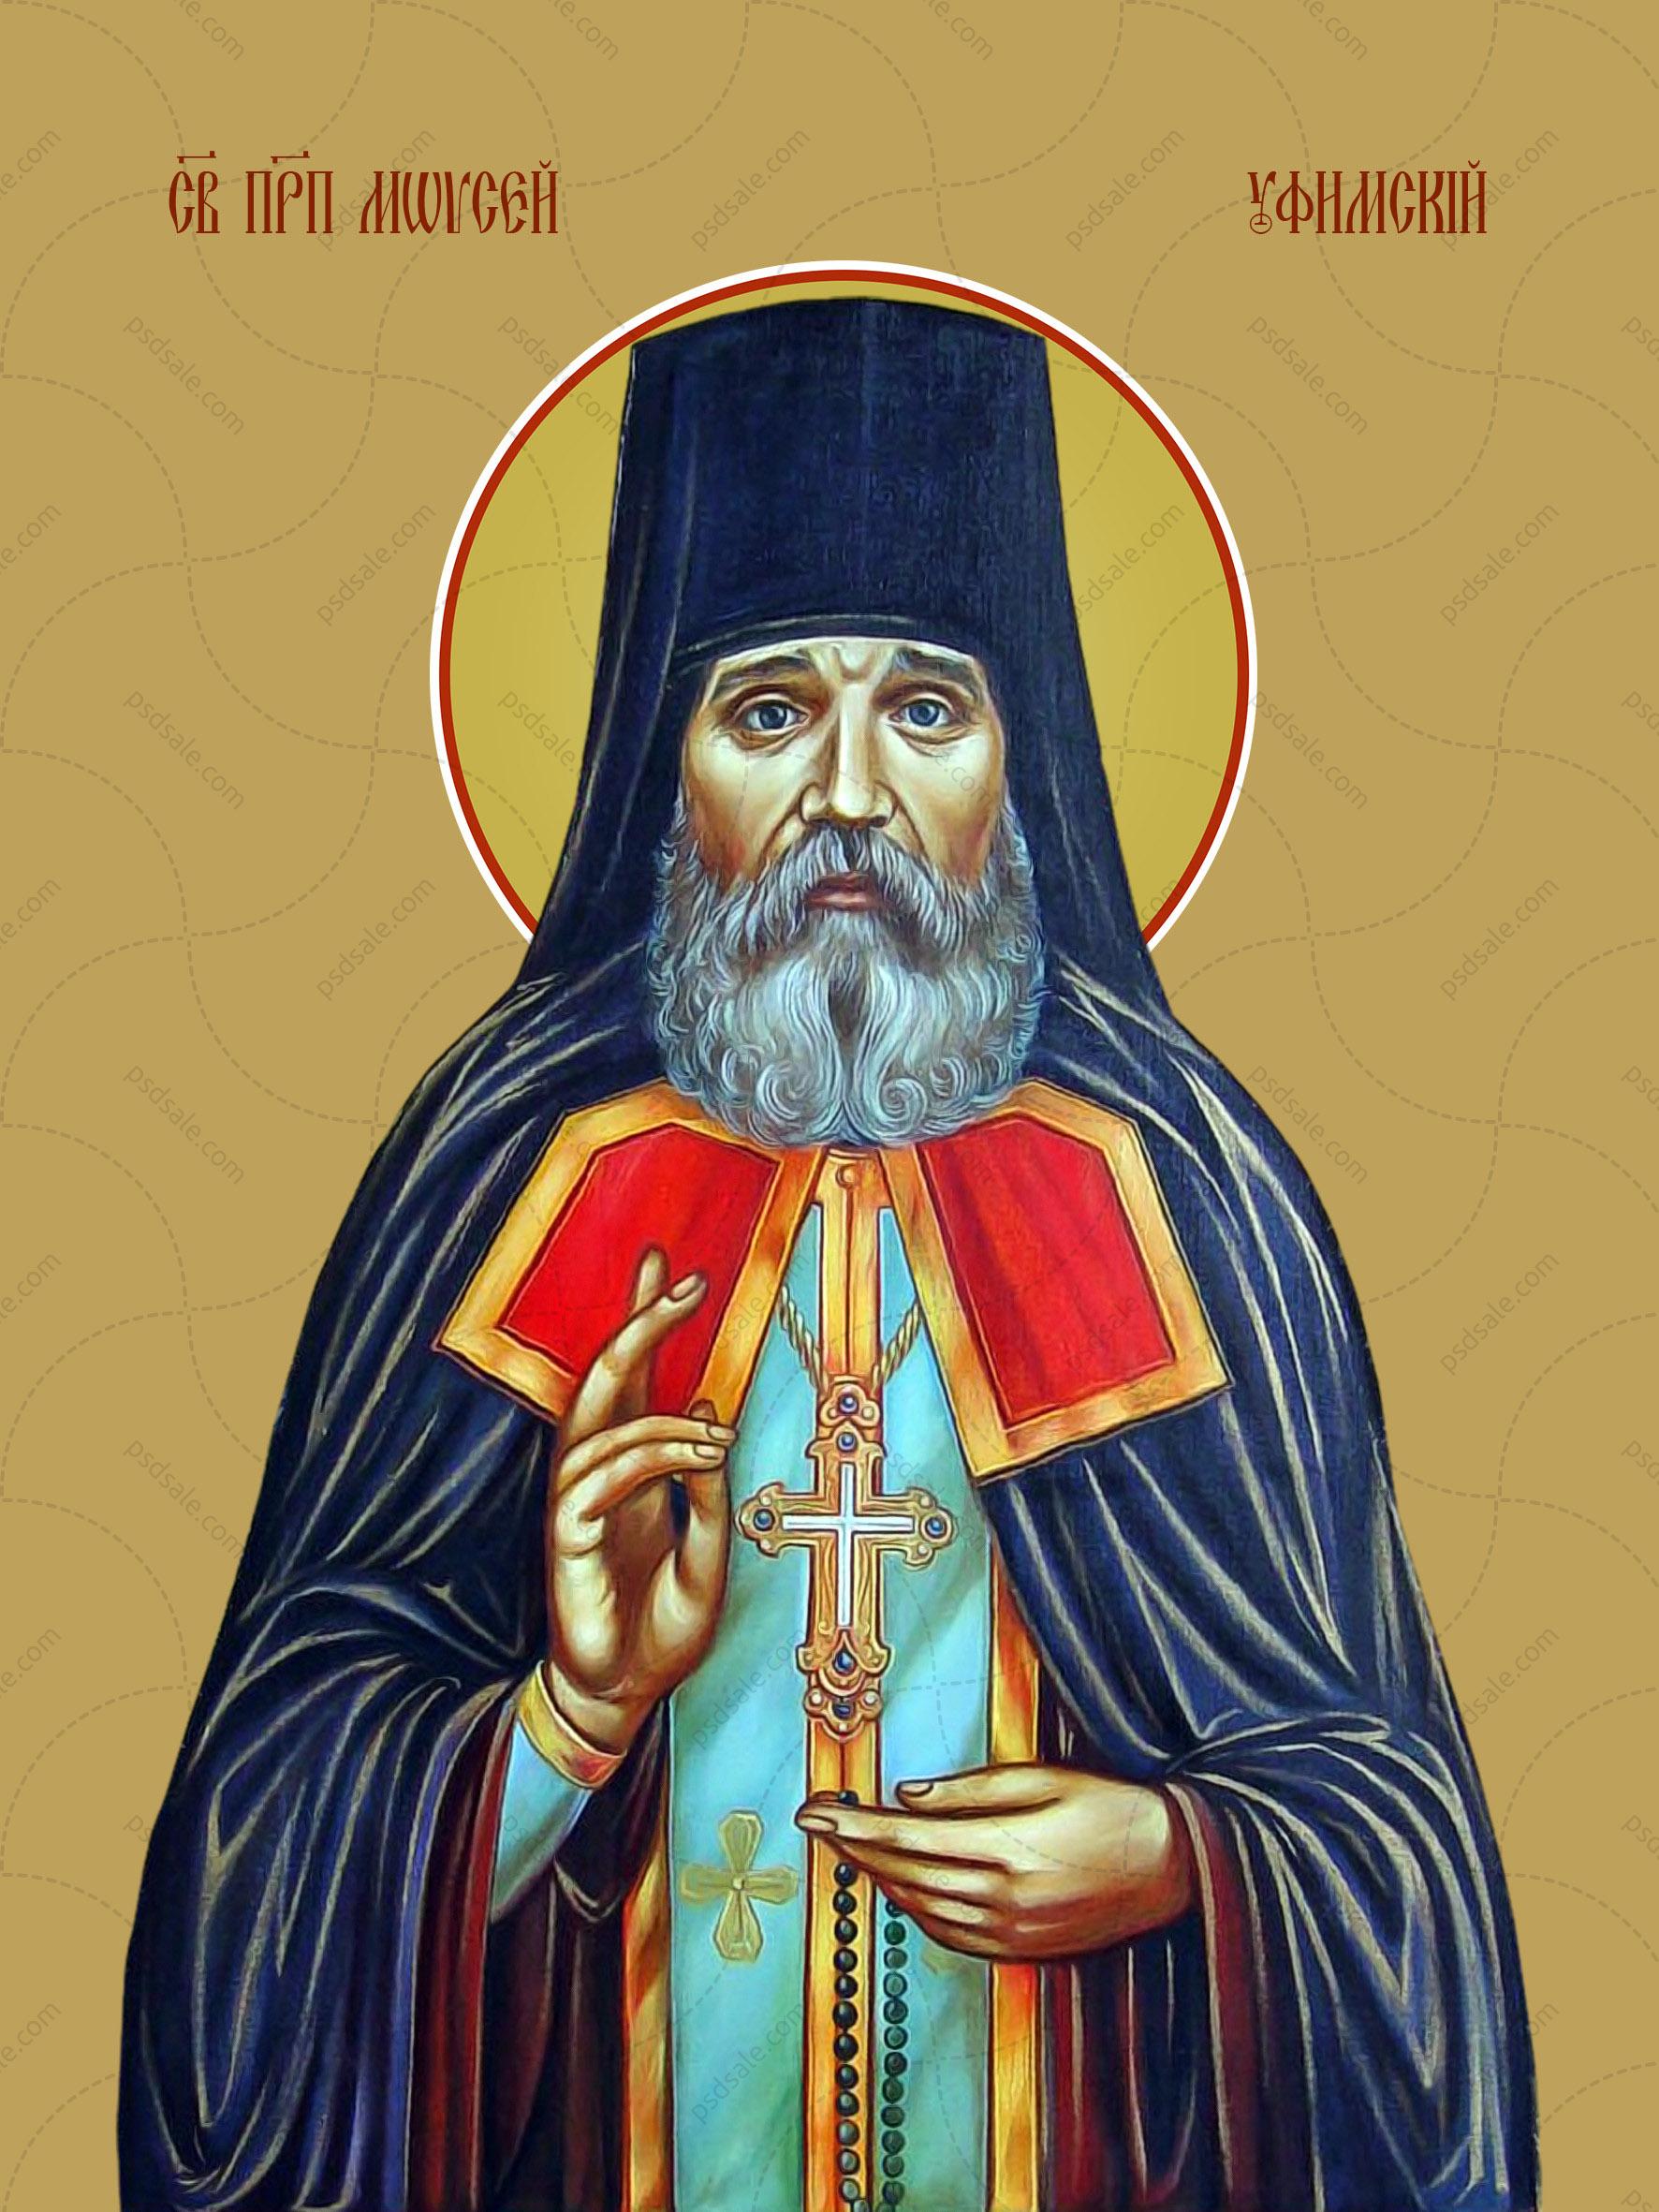 Моисей Уфимский, преподобный